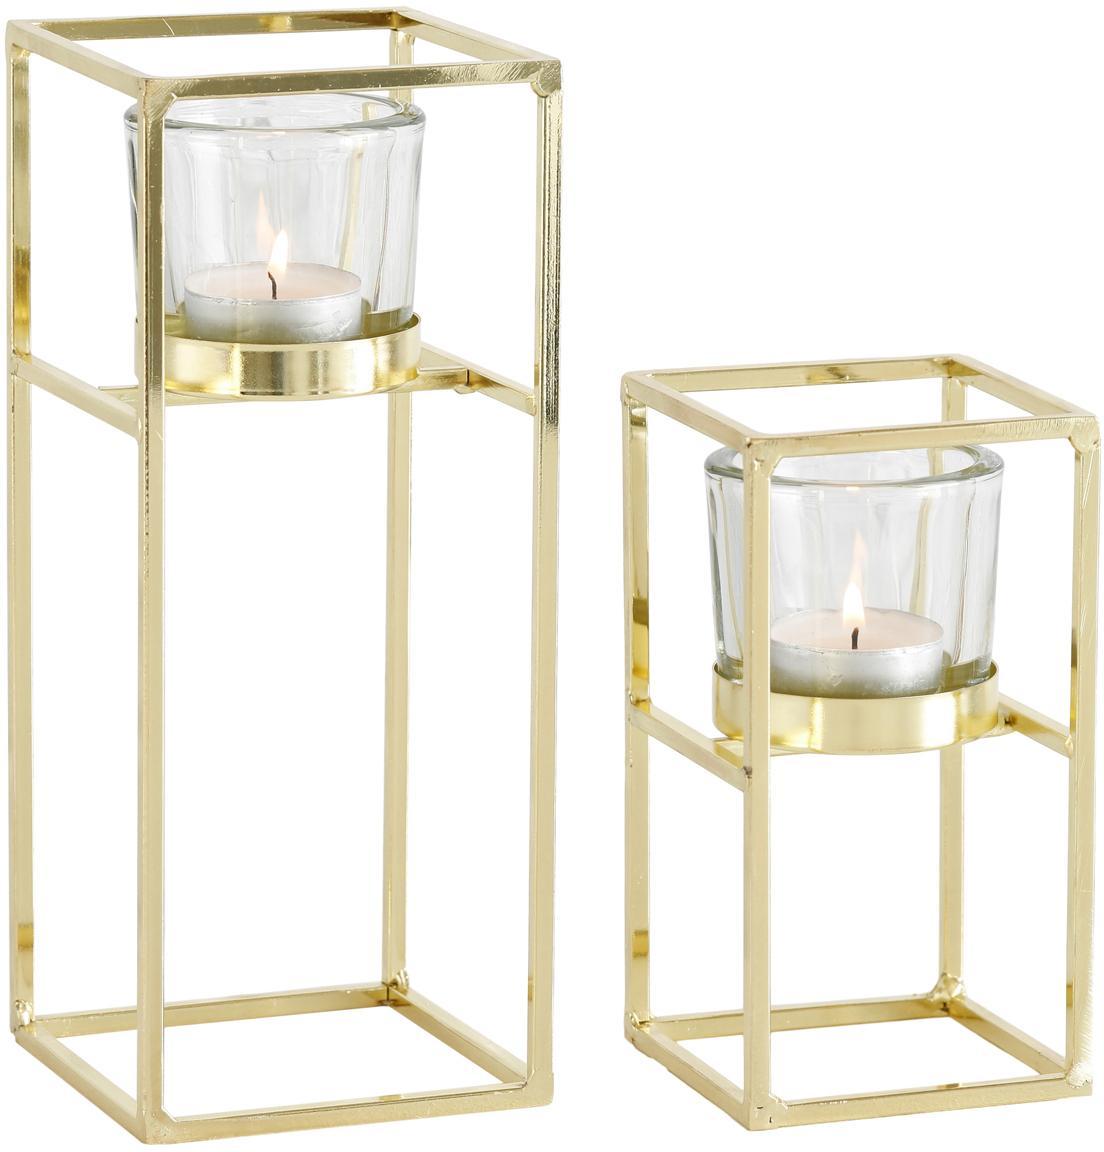 Teelichthalter-Set Tomba, 2-tlg., Windlicht: Glas, Gestell: Metall, beschichtet, Transparent, Messingfarben, Sondergrößen